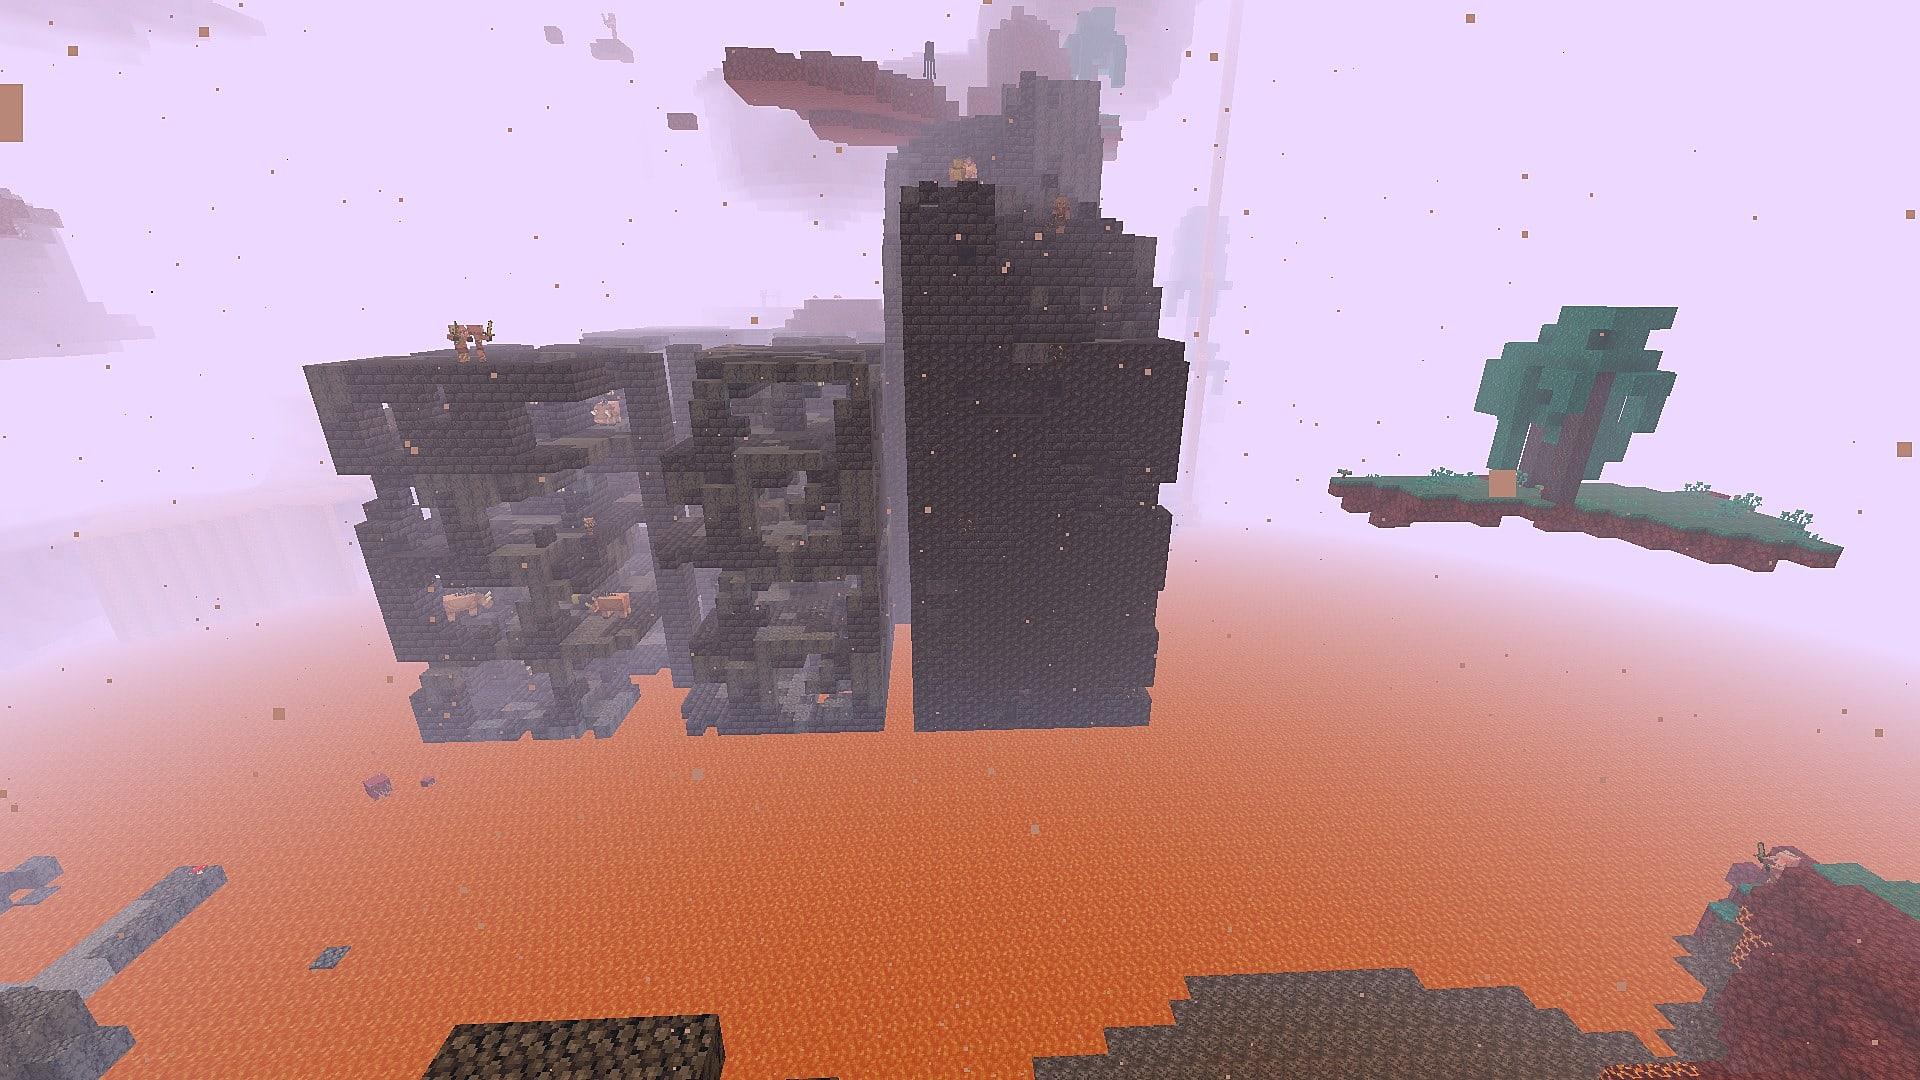 Best Minecraft 1111.111111.1111 Seeds for July 11  Slide 111111  Minecraft